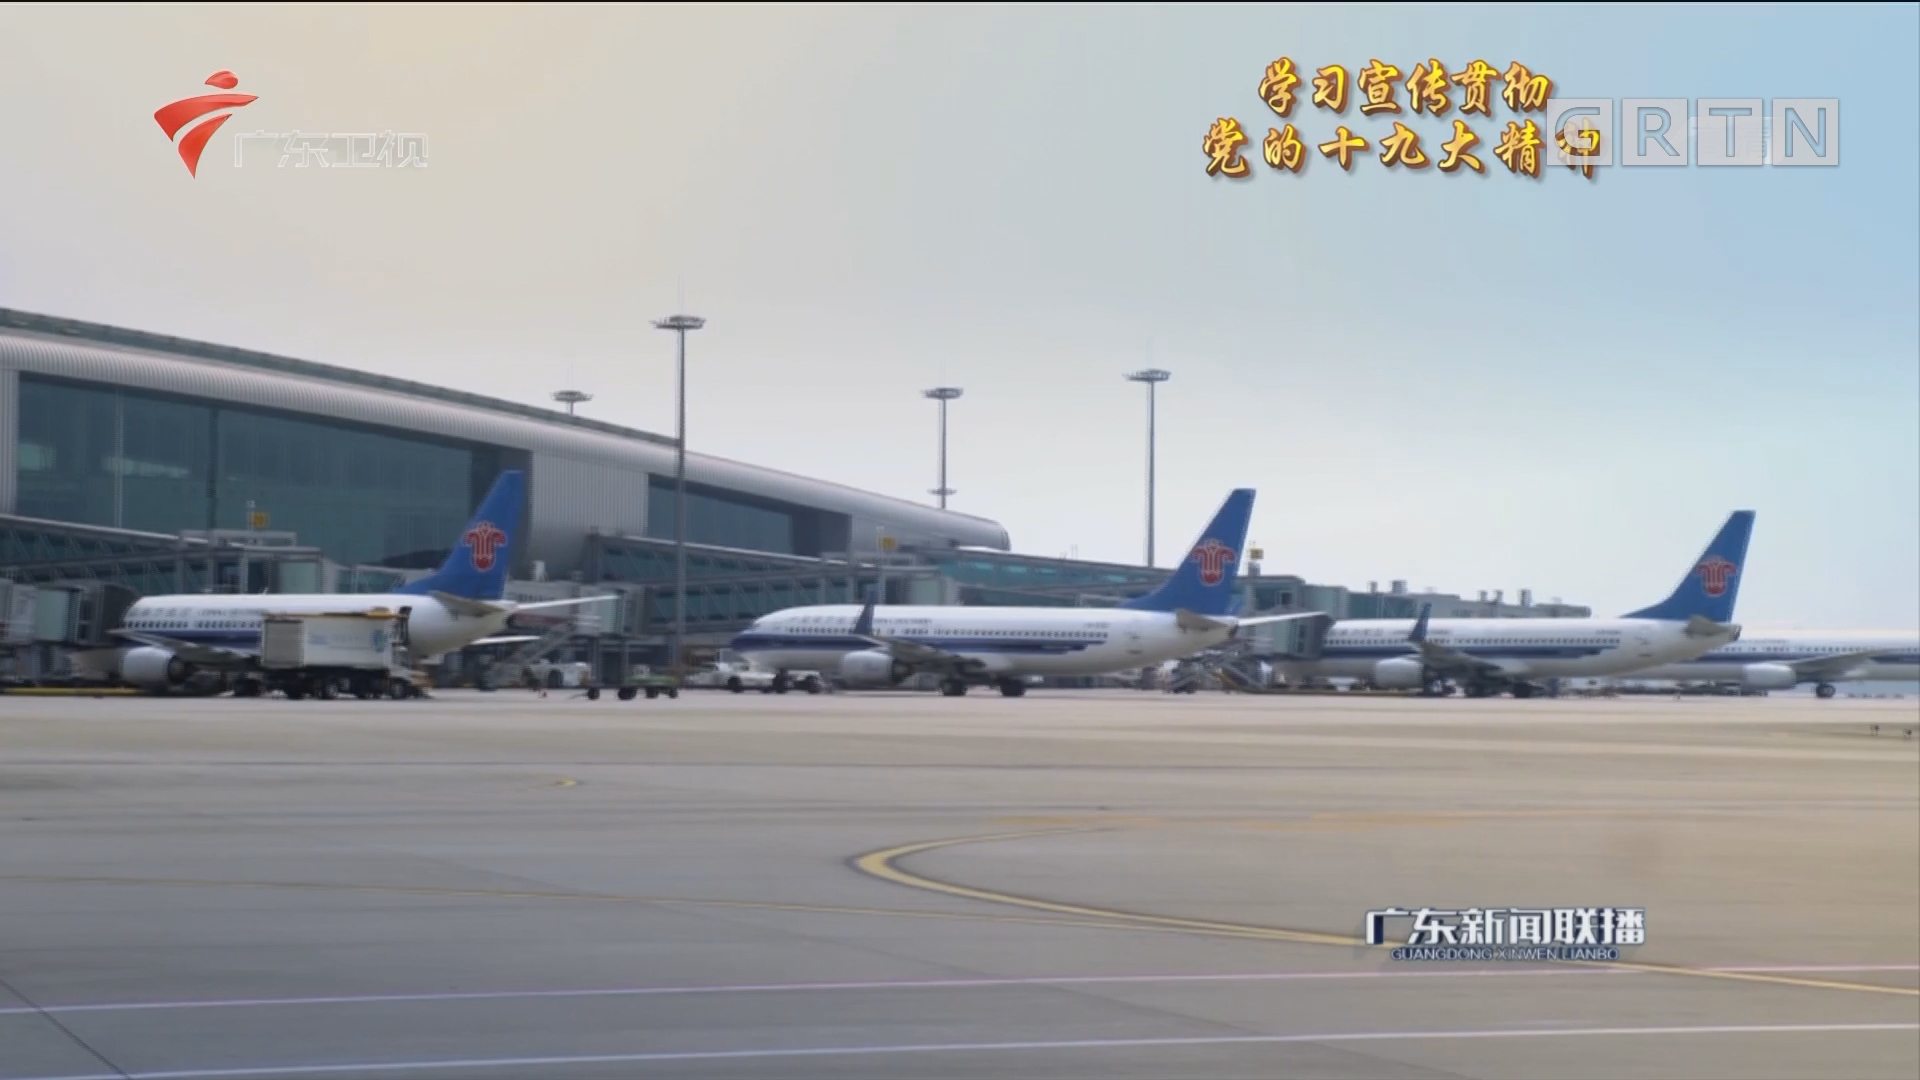 """""""广州飞""""通达全球 国际航空枢纽雏形已现"""